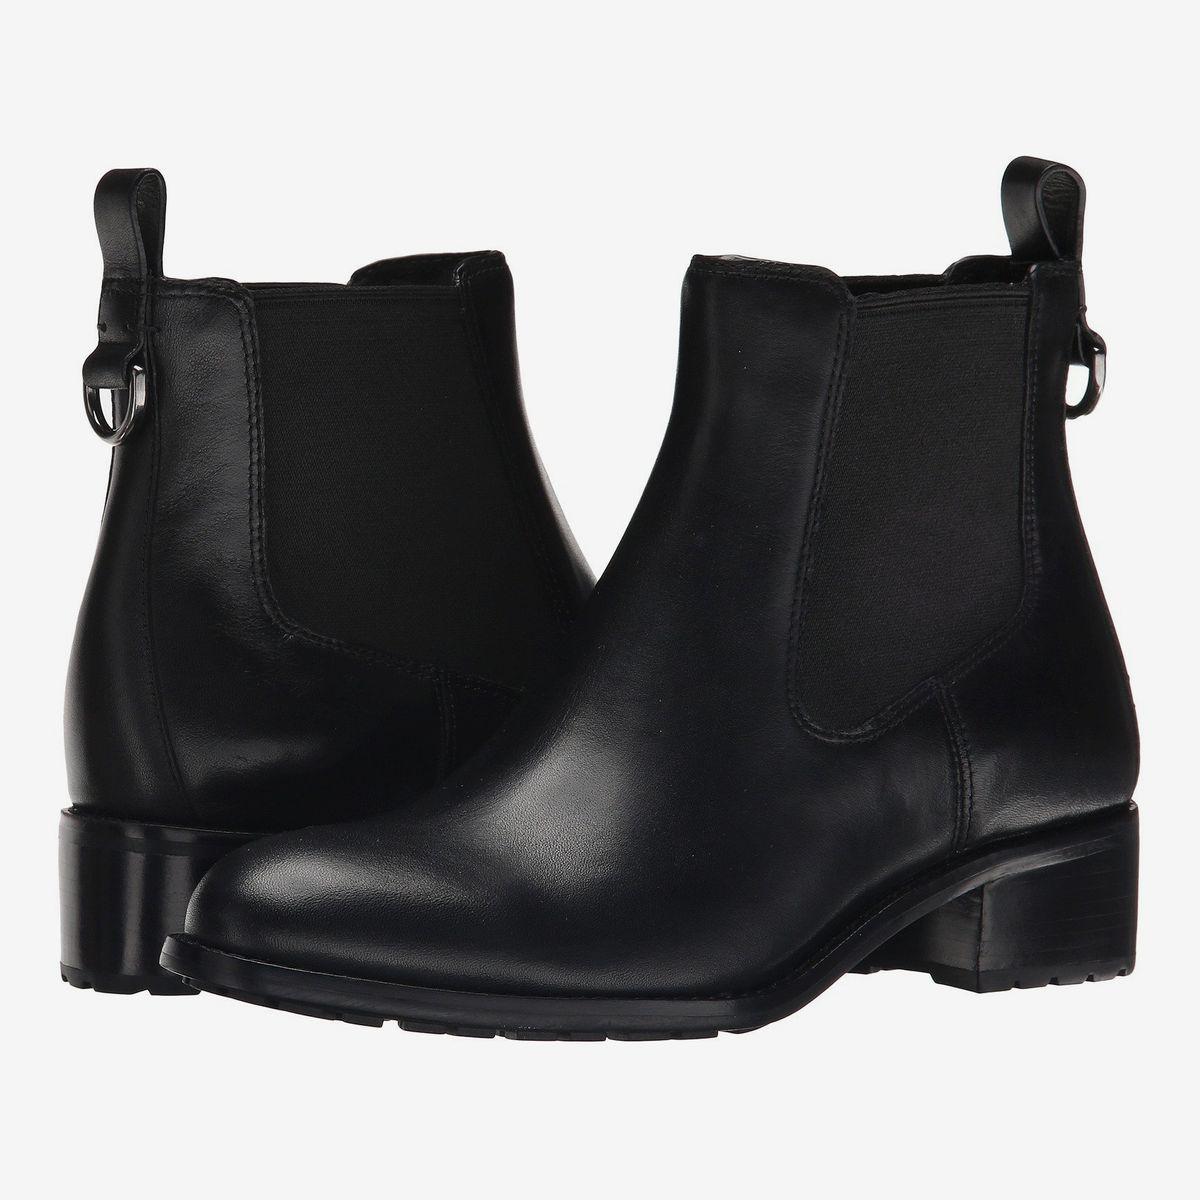 Ladies Winter Ravel Troy Black Suede Wedge High Heel Warm Fur Ankle Boots UK 4